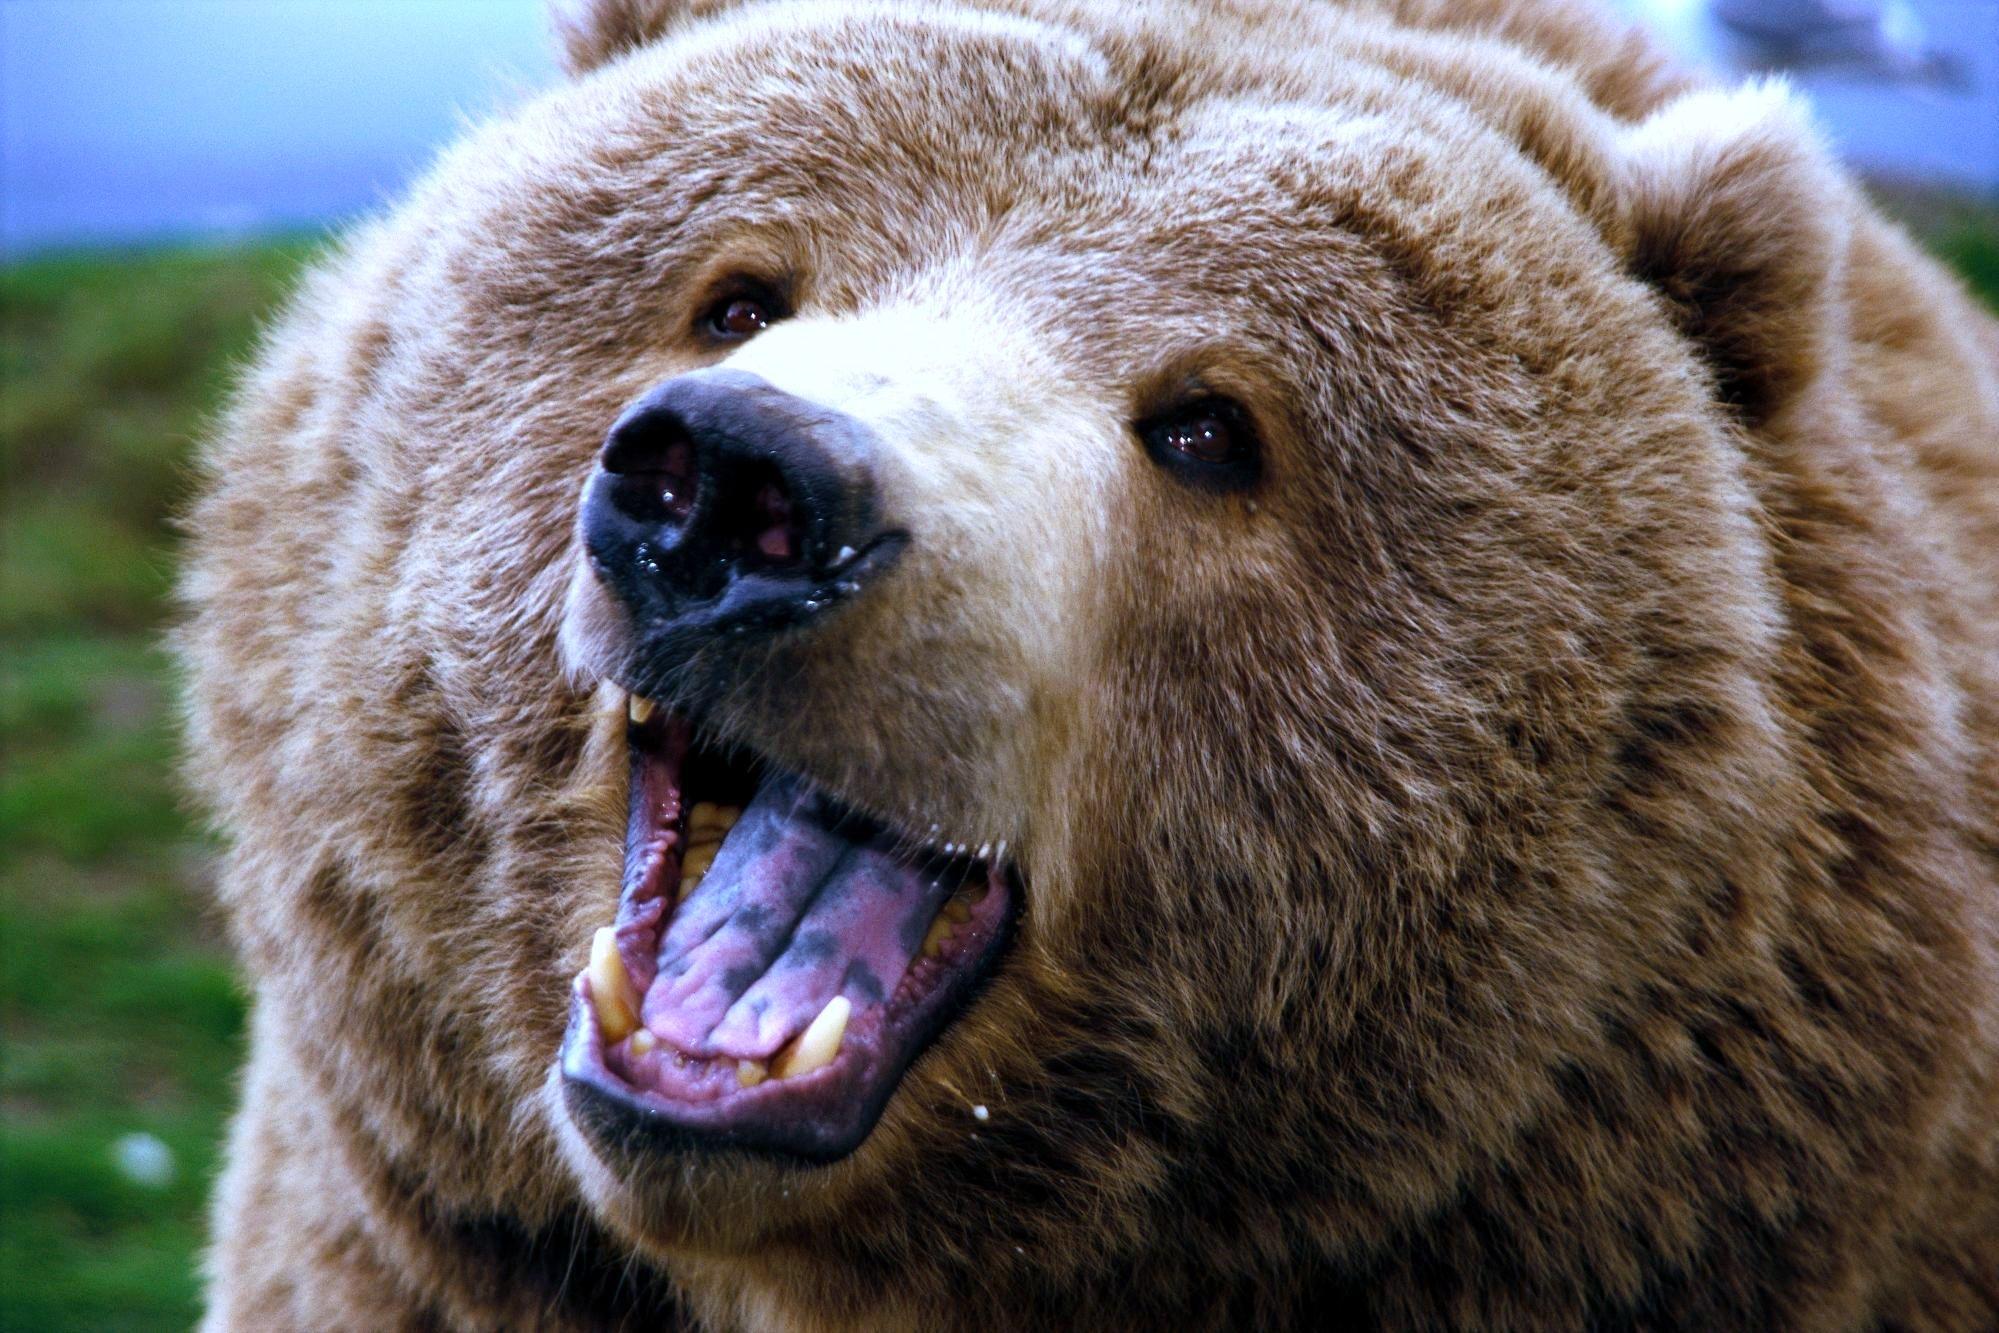 Hintergrundbilder : Bär, Gesicht, Aggression, gähnen